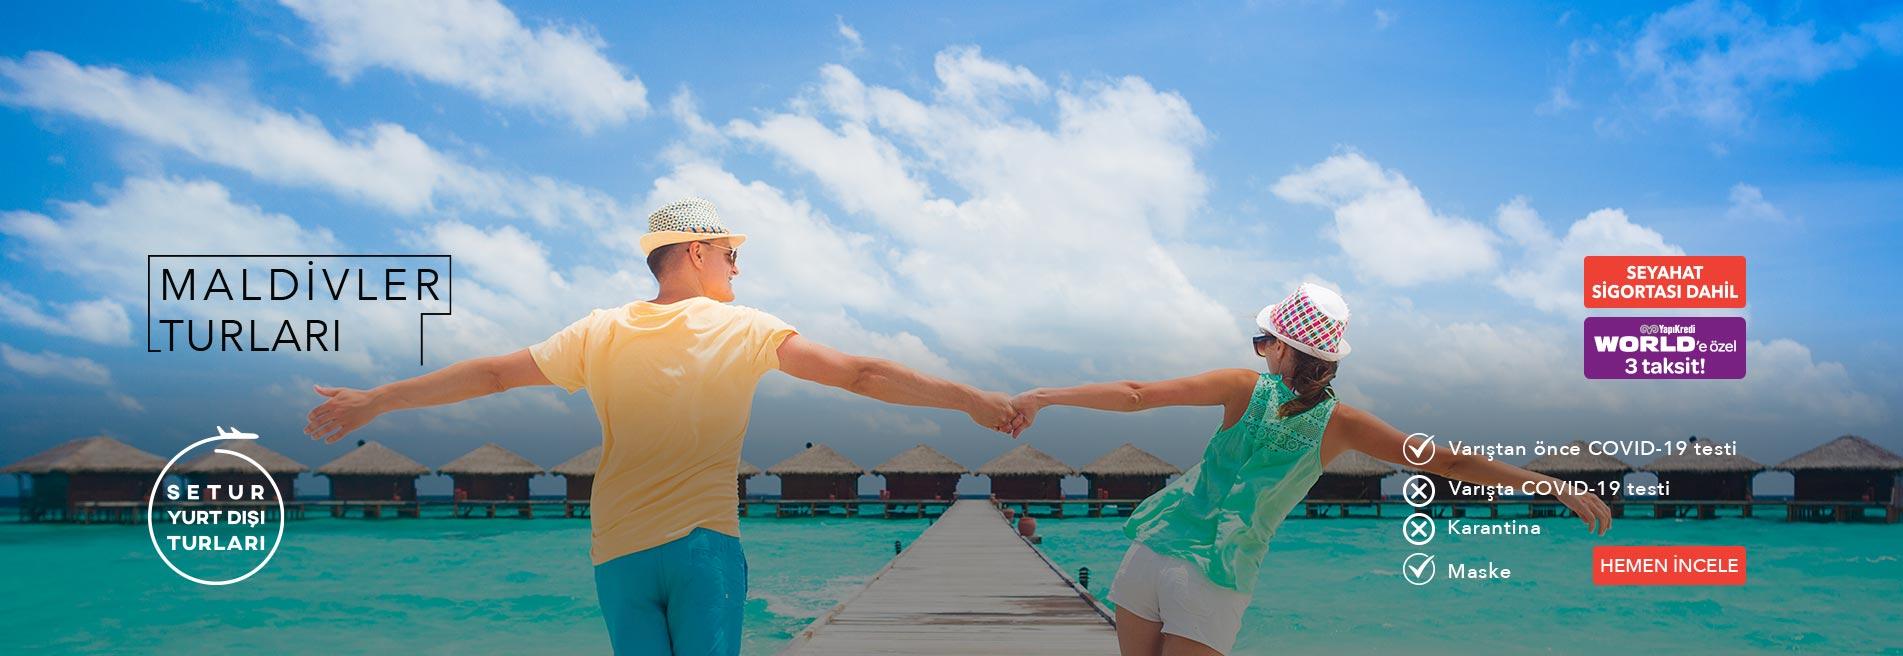 Maldiv Turları